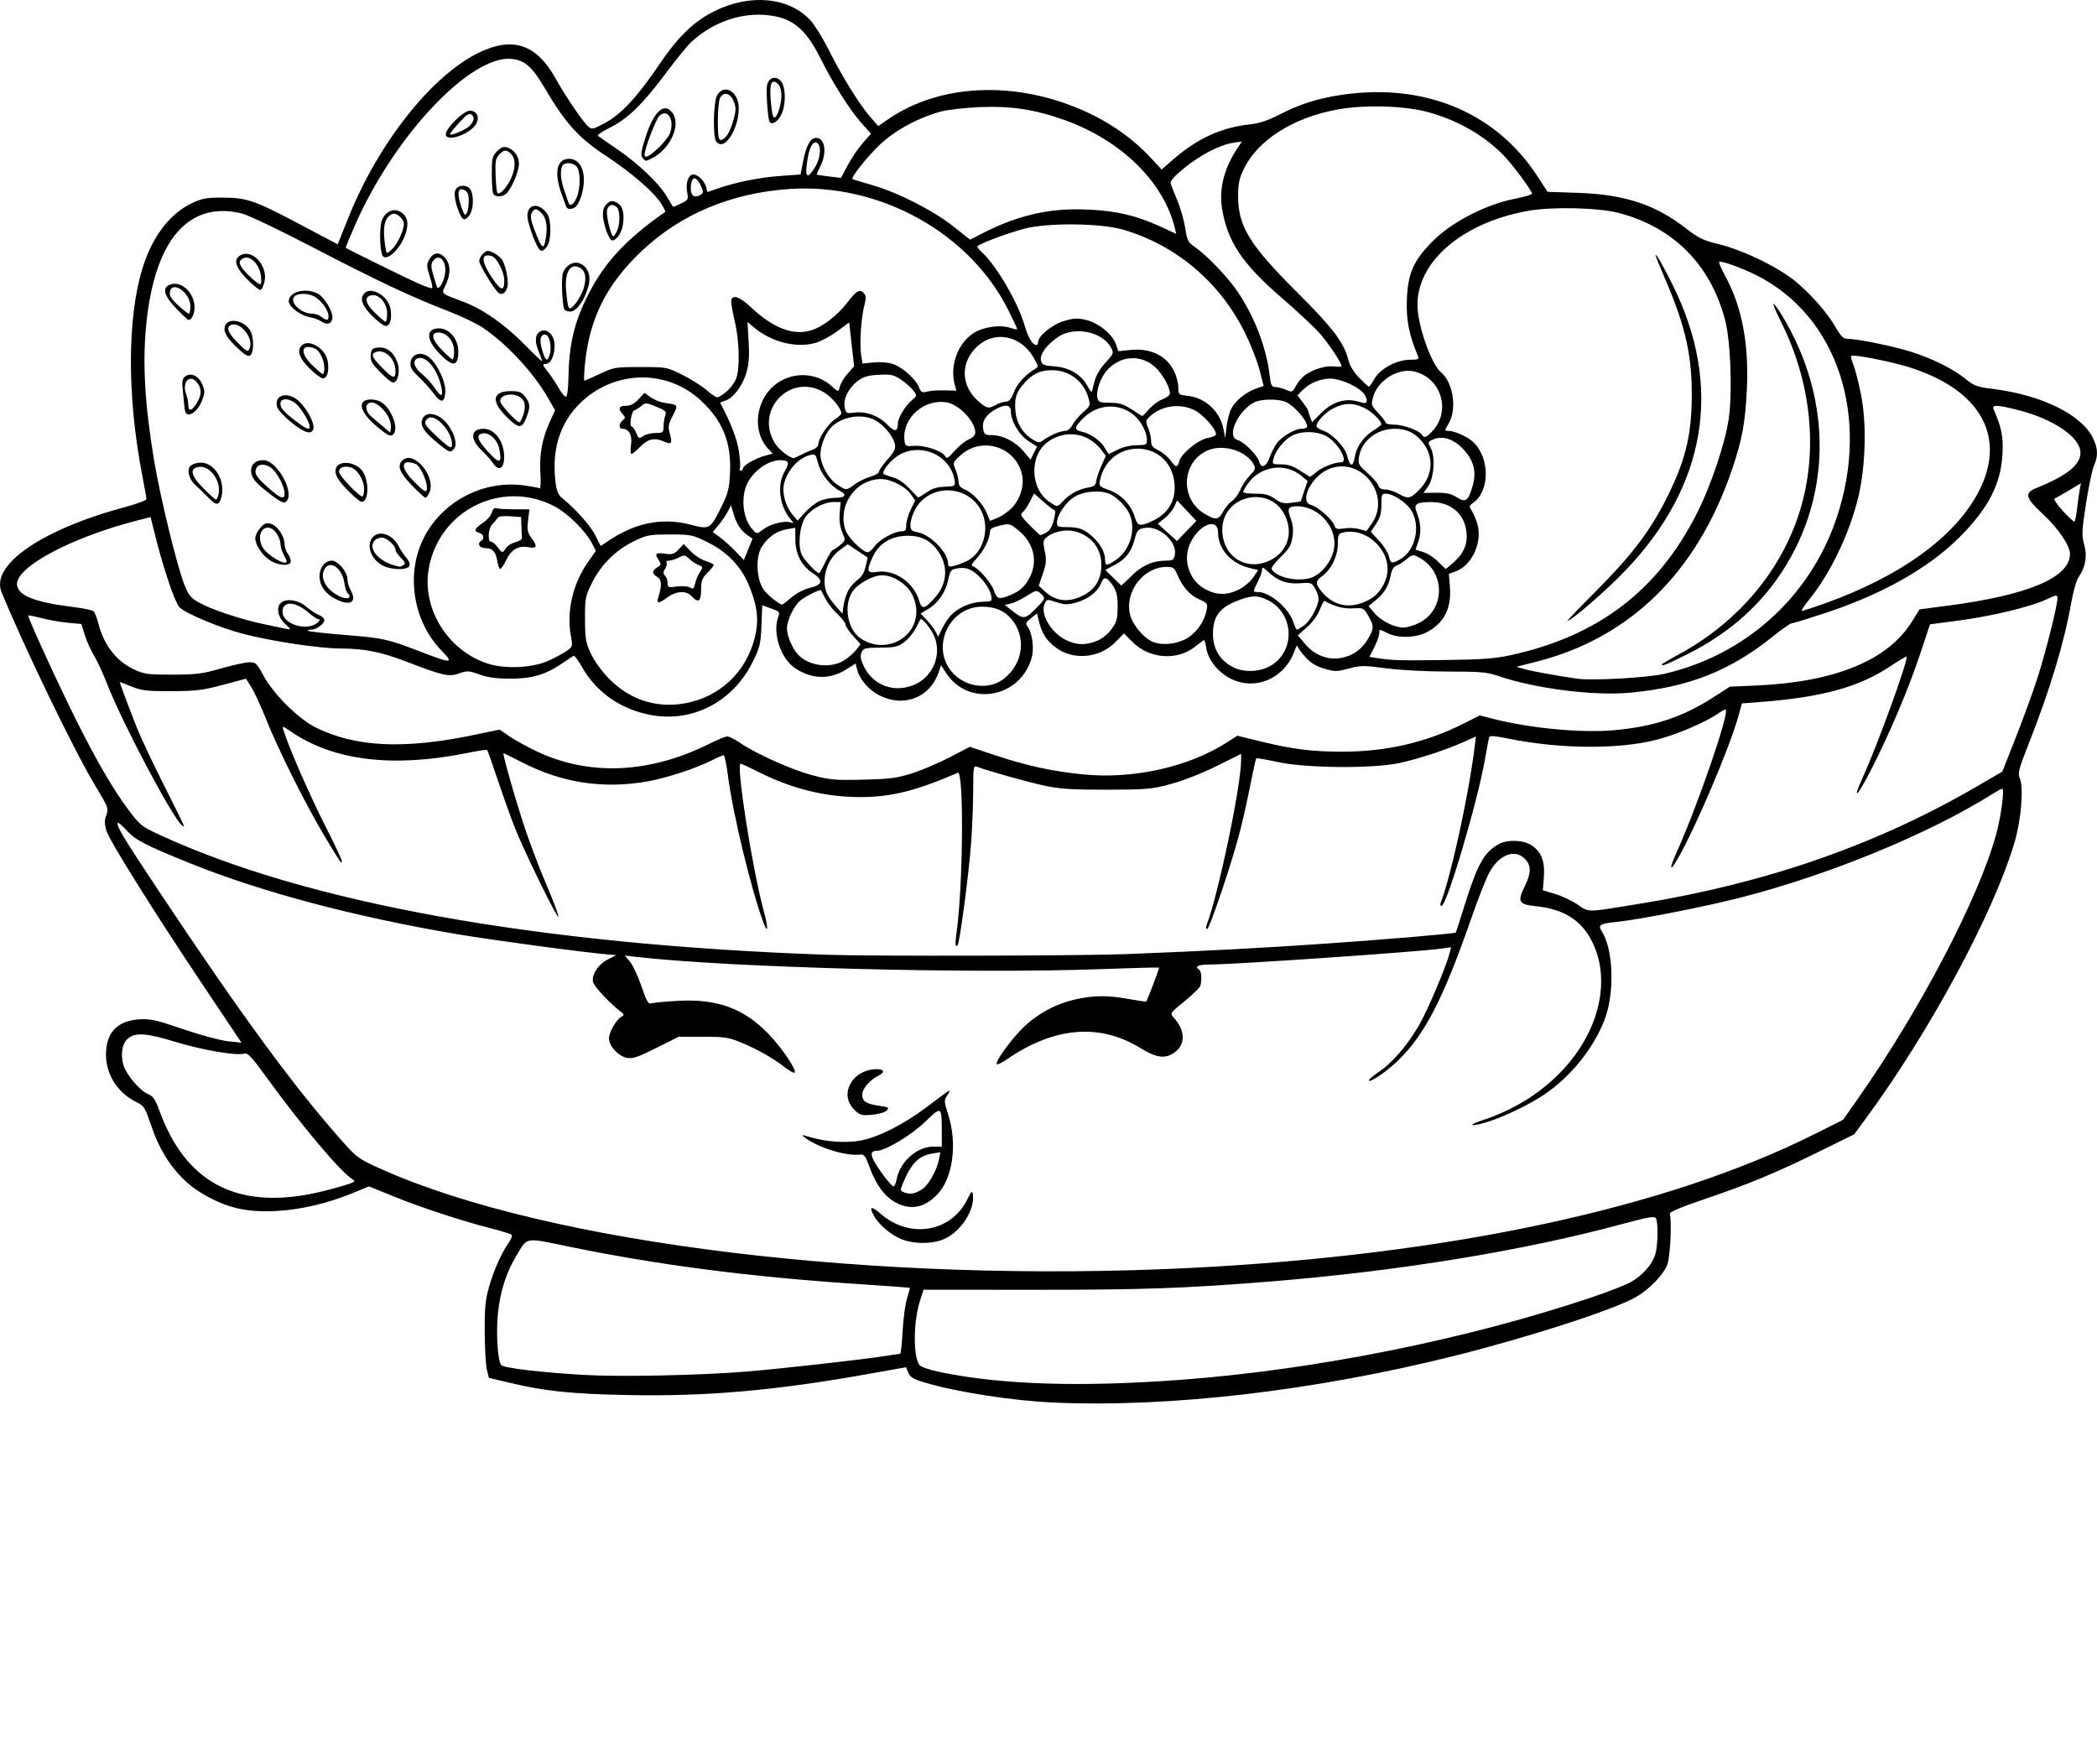 Belle coloriage a imprimer shopkins - Site de coloriage a imprimer ...